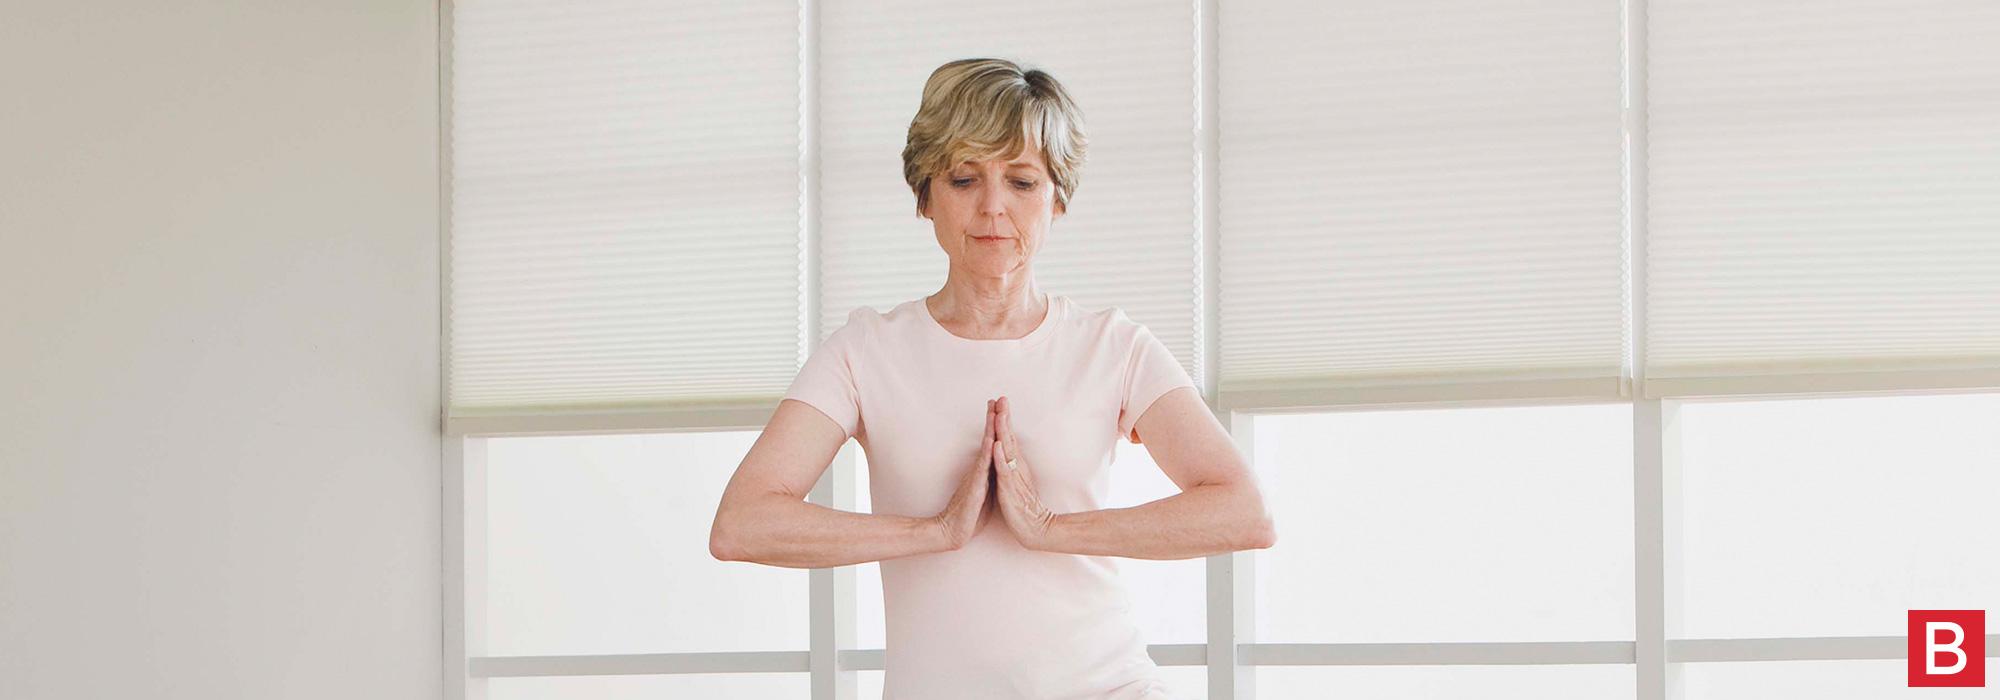 7-tips-keeping-heart-healthy-2000x700.jpg